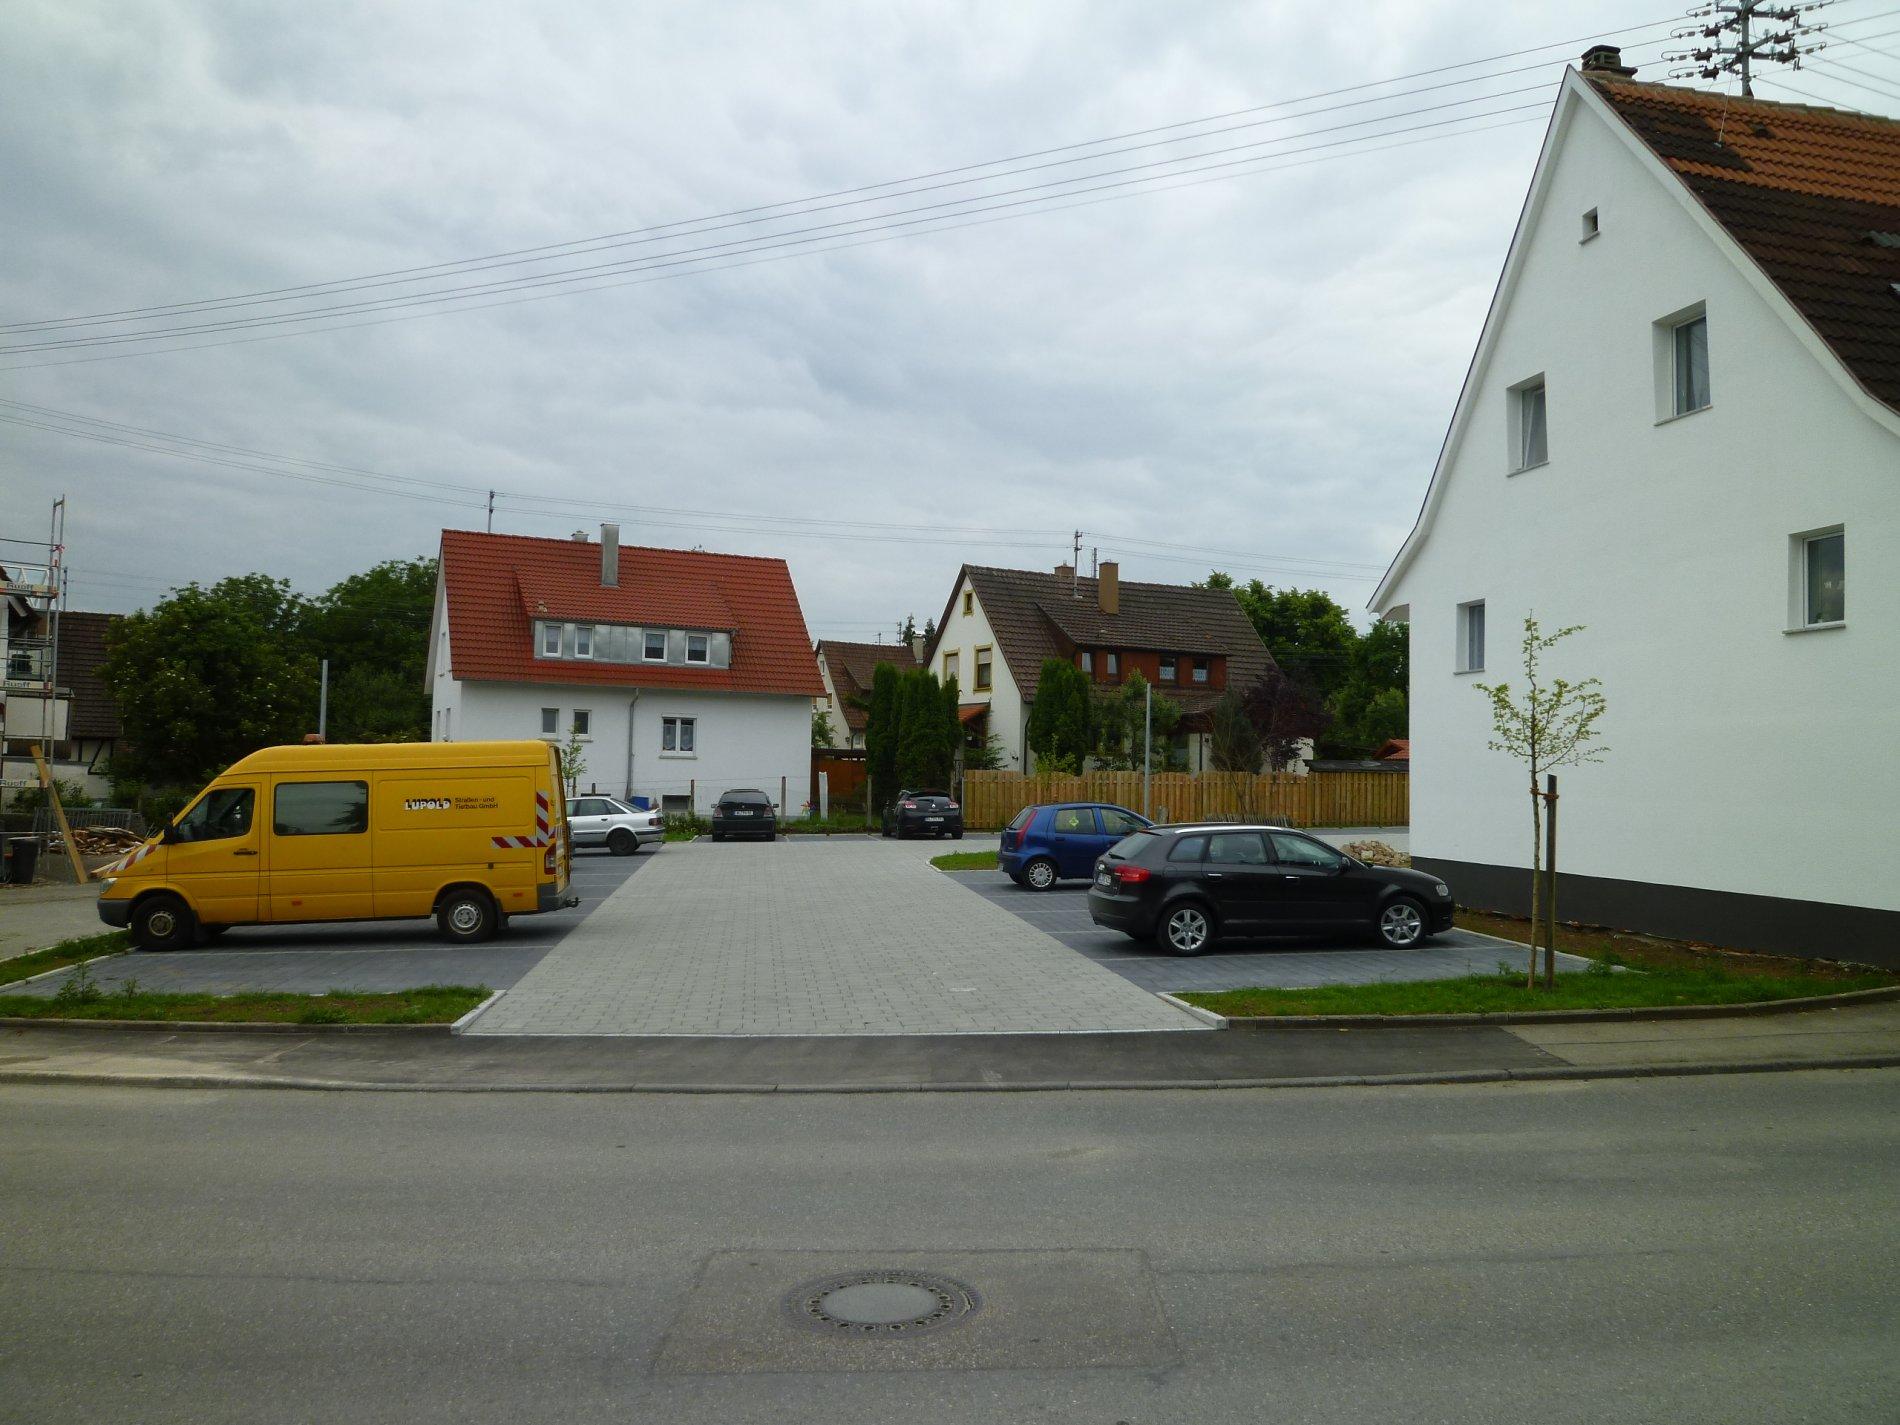 Parkplatz in der Nähe vom Postplatz